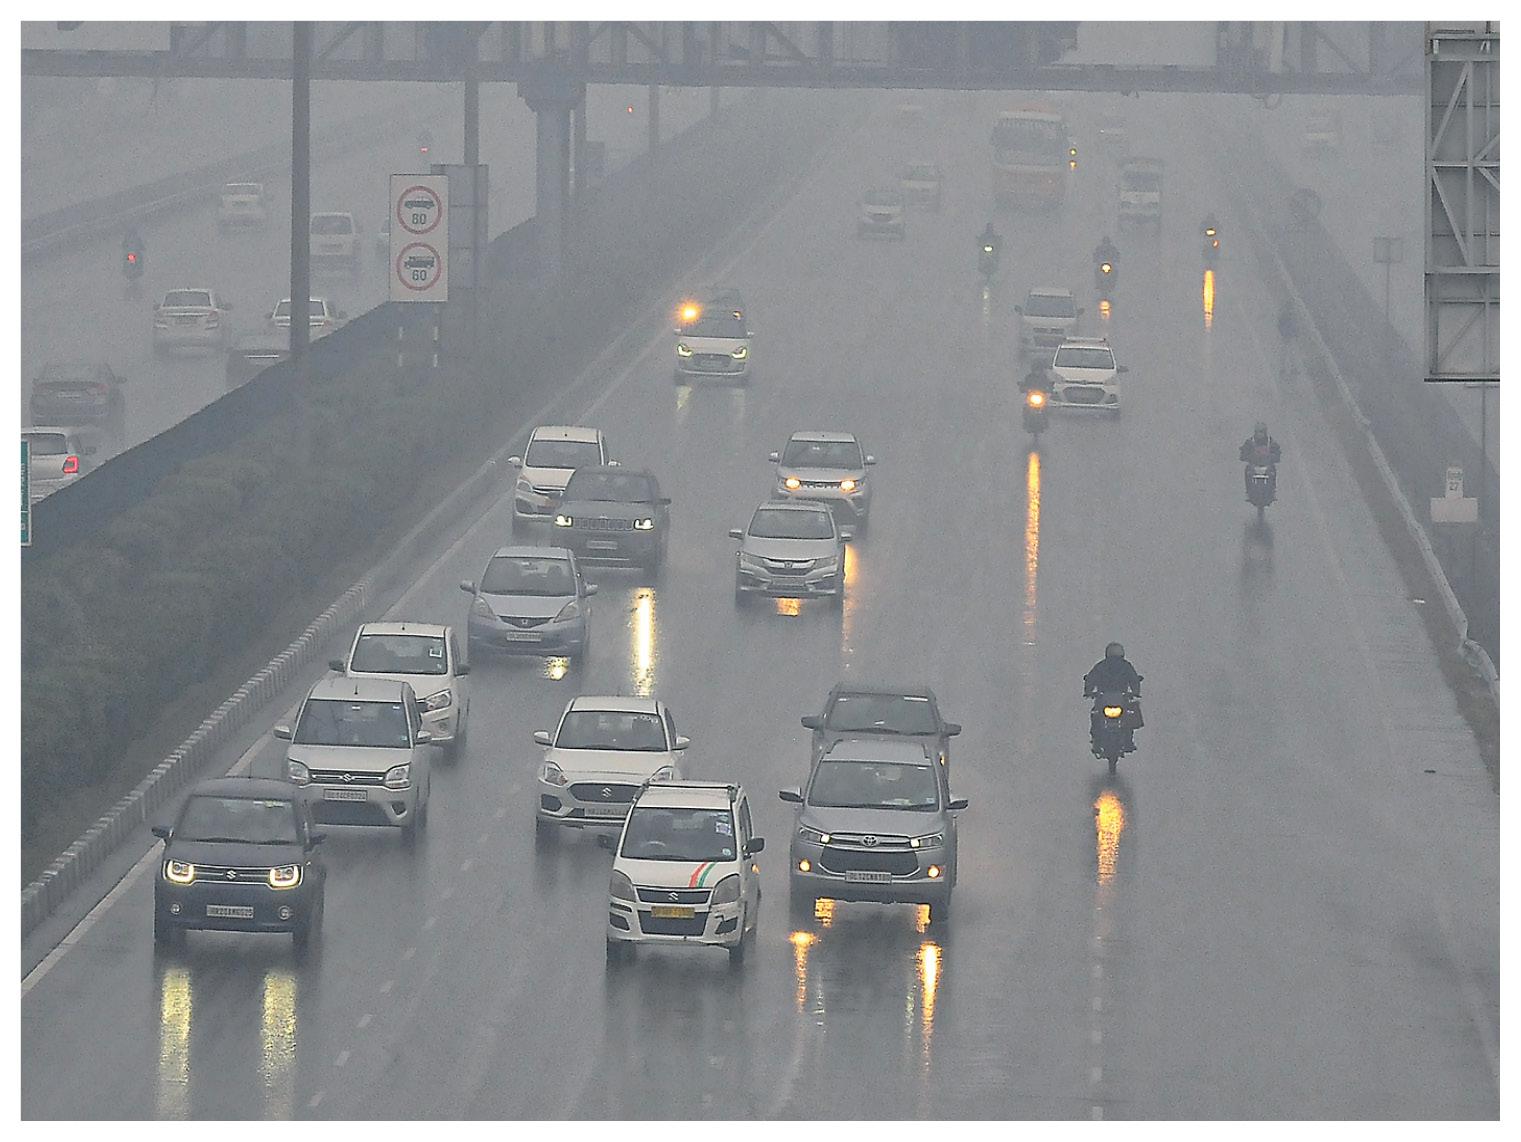 ગુરુગ્રામમાં વરસાદ પછી ધુમ્મસ છવાવાથી વાહન ચાલકોને દિવસમાં લાઈટ ઓન કરવી પડી